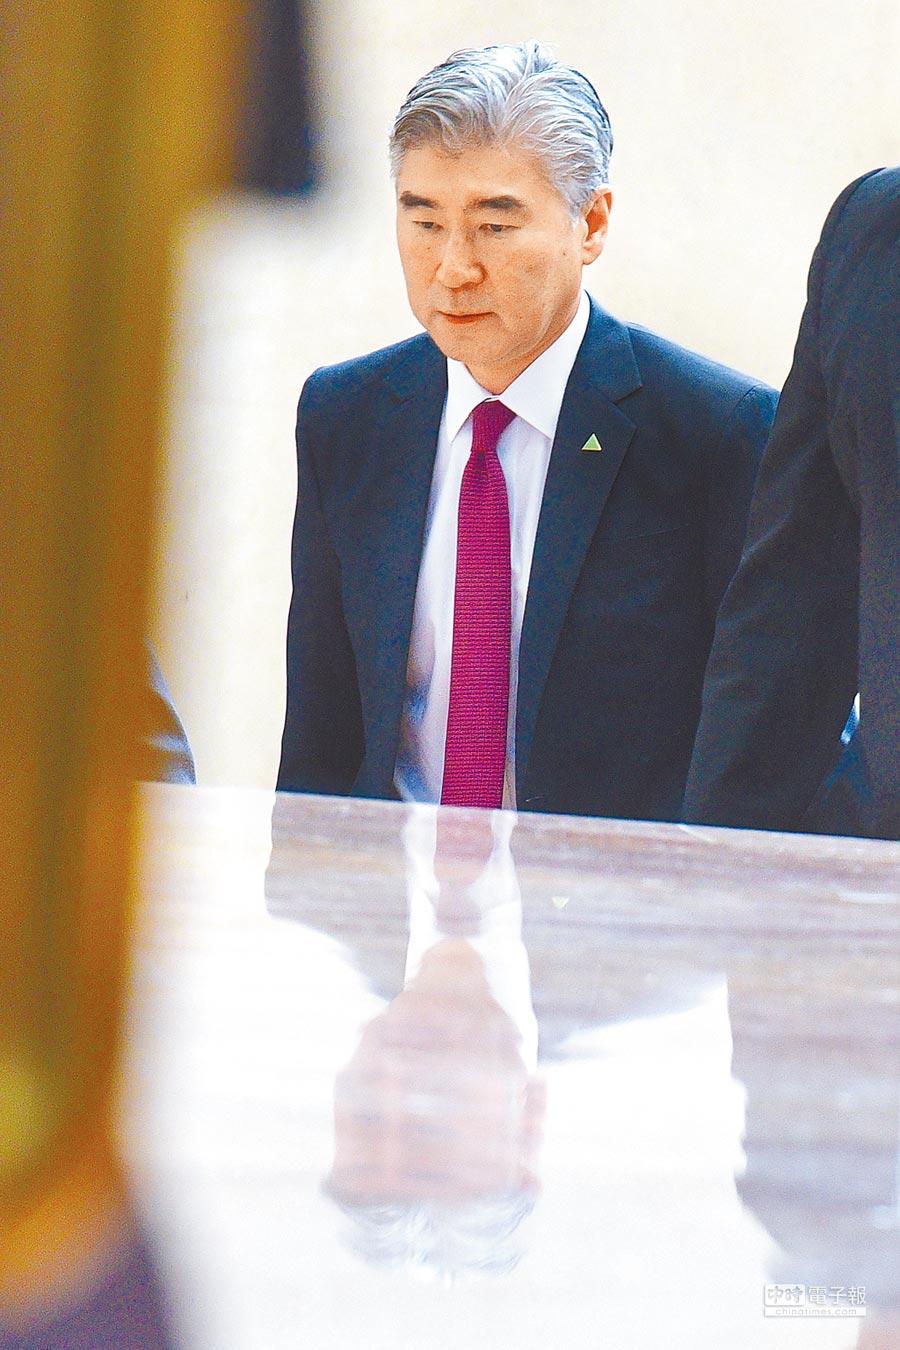 美國駐菲大使金成11日赴新加坡麗思-卡爾頓酒店參加美朝峰會前會議。(新華社)